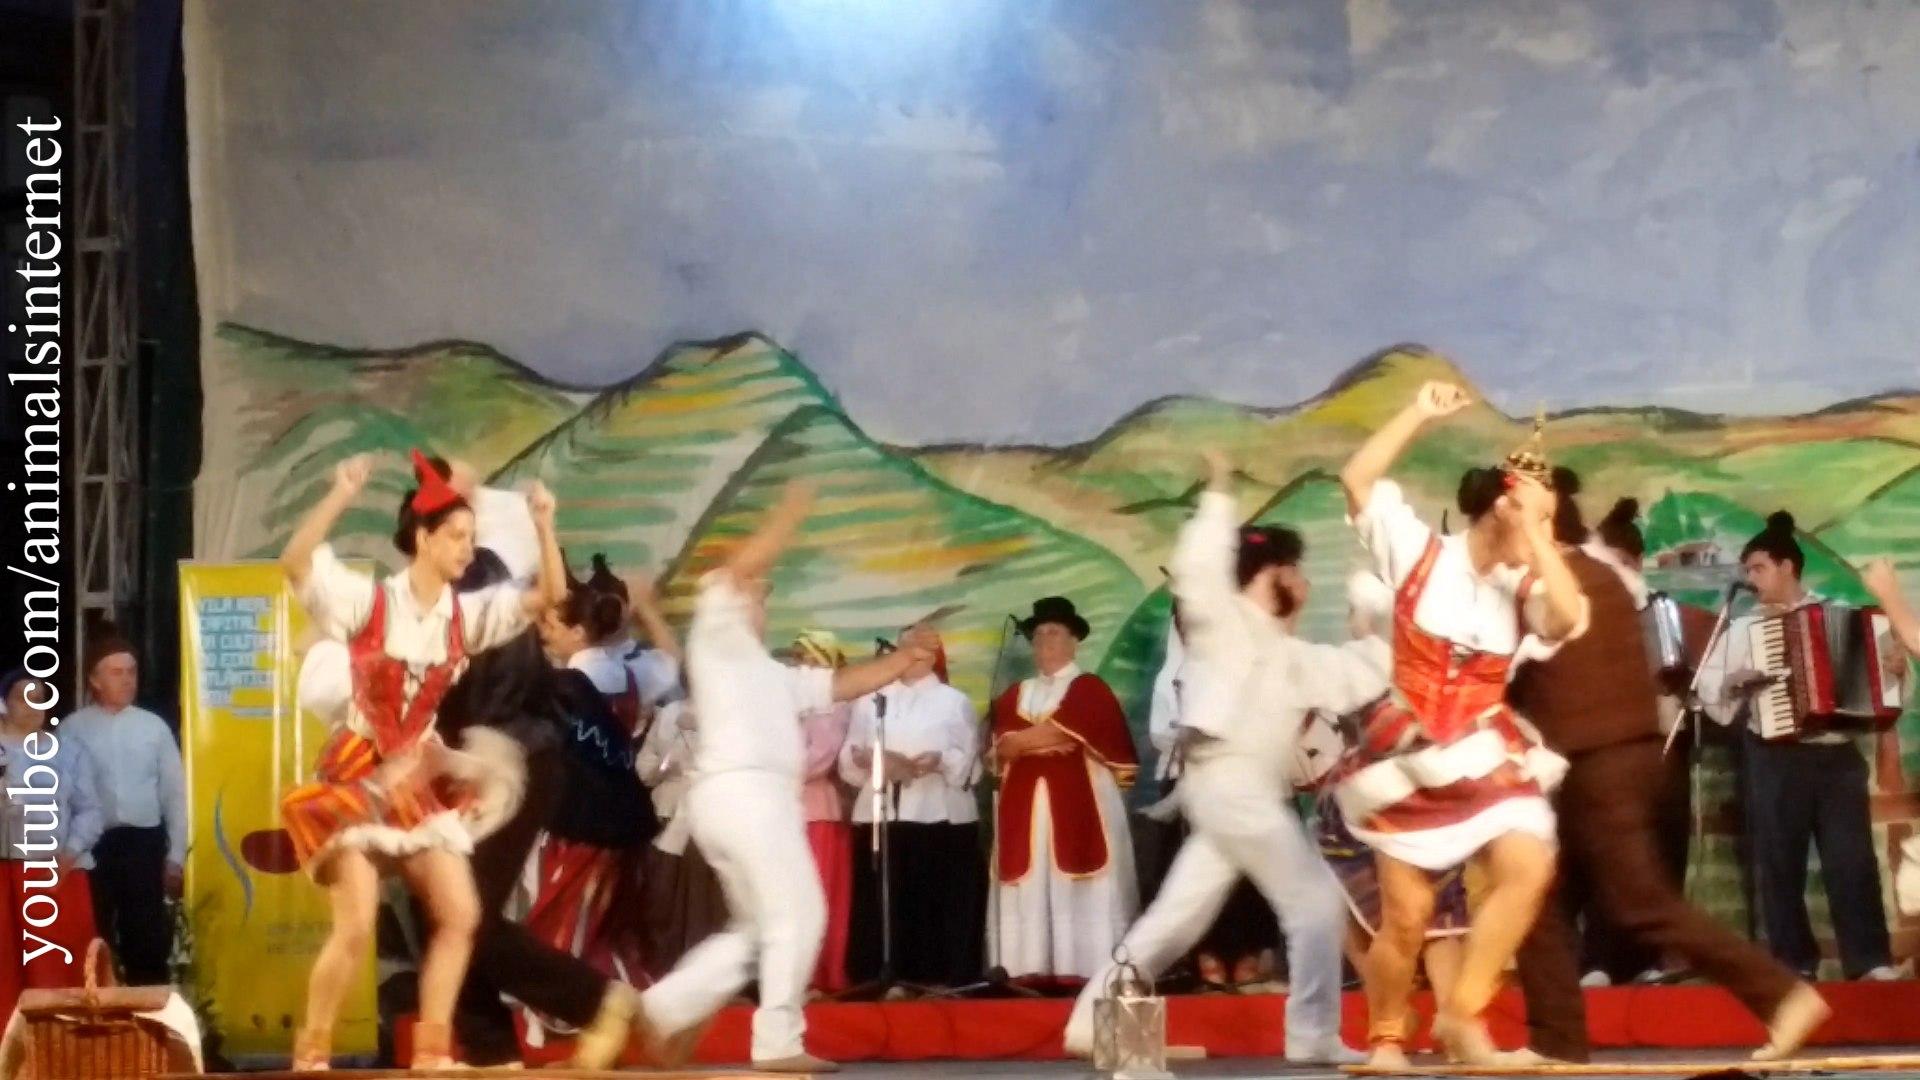 Meninas lindas e sensuais cantando dançando | Sexy beautiful girls singing dancing | 4k UHD 2160p